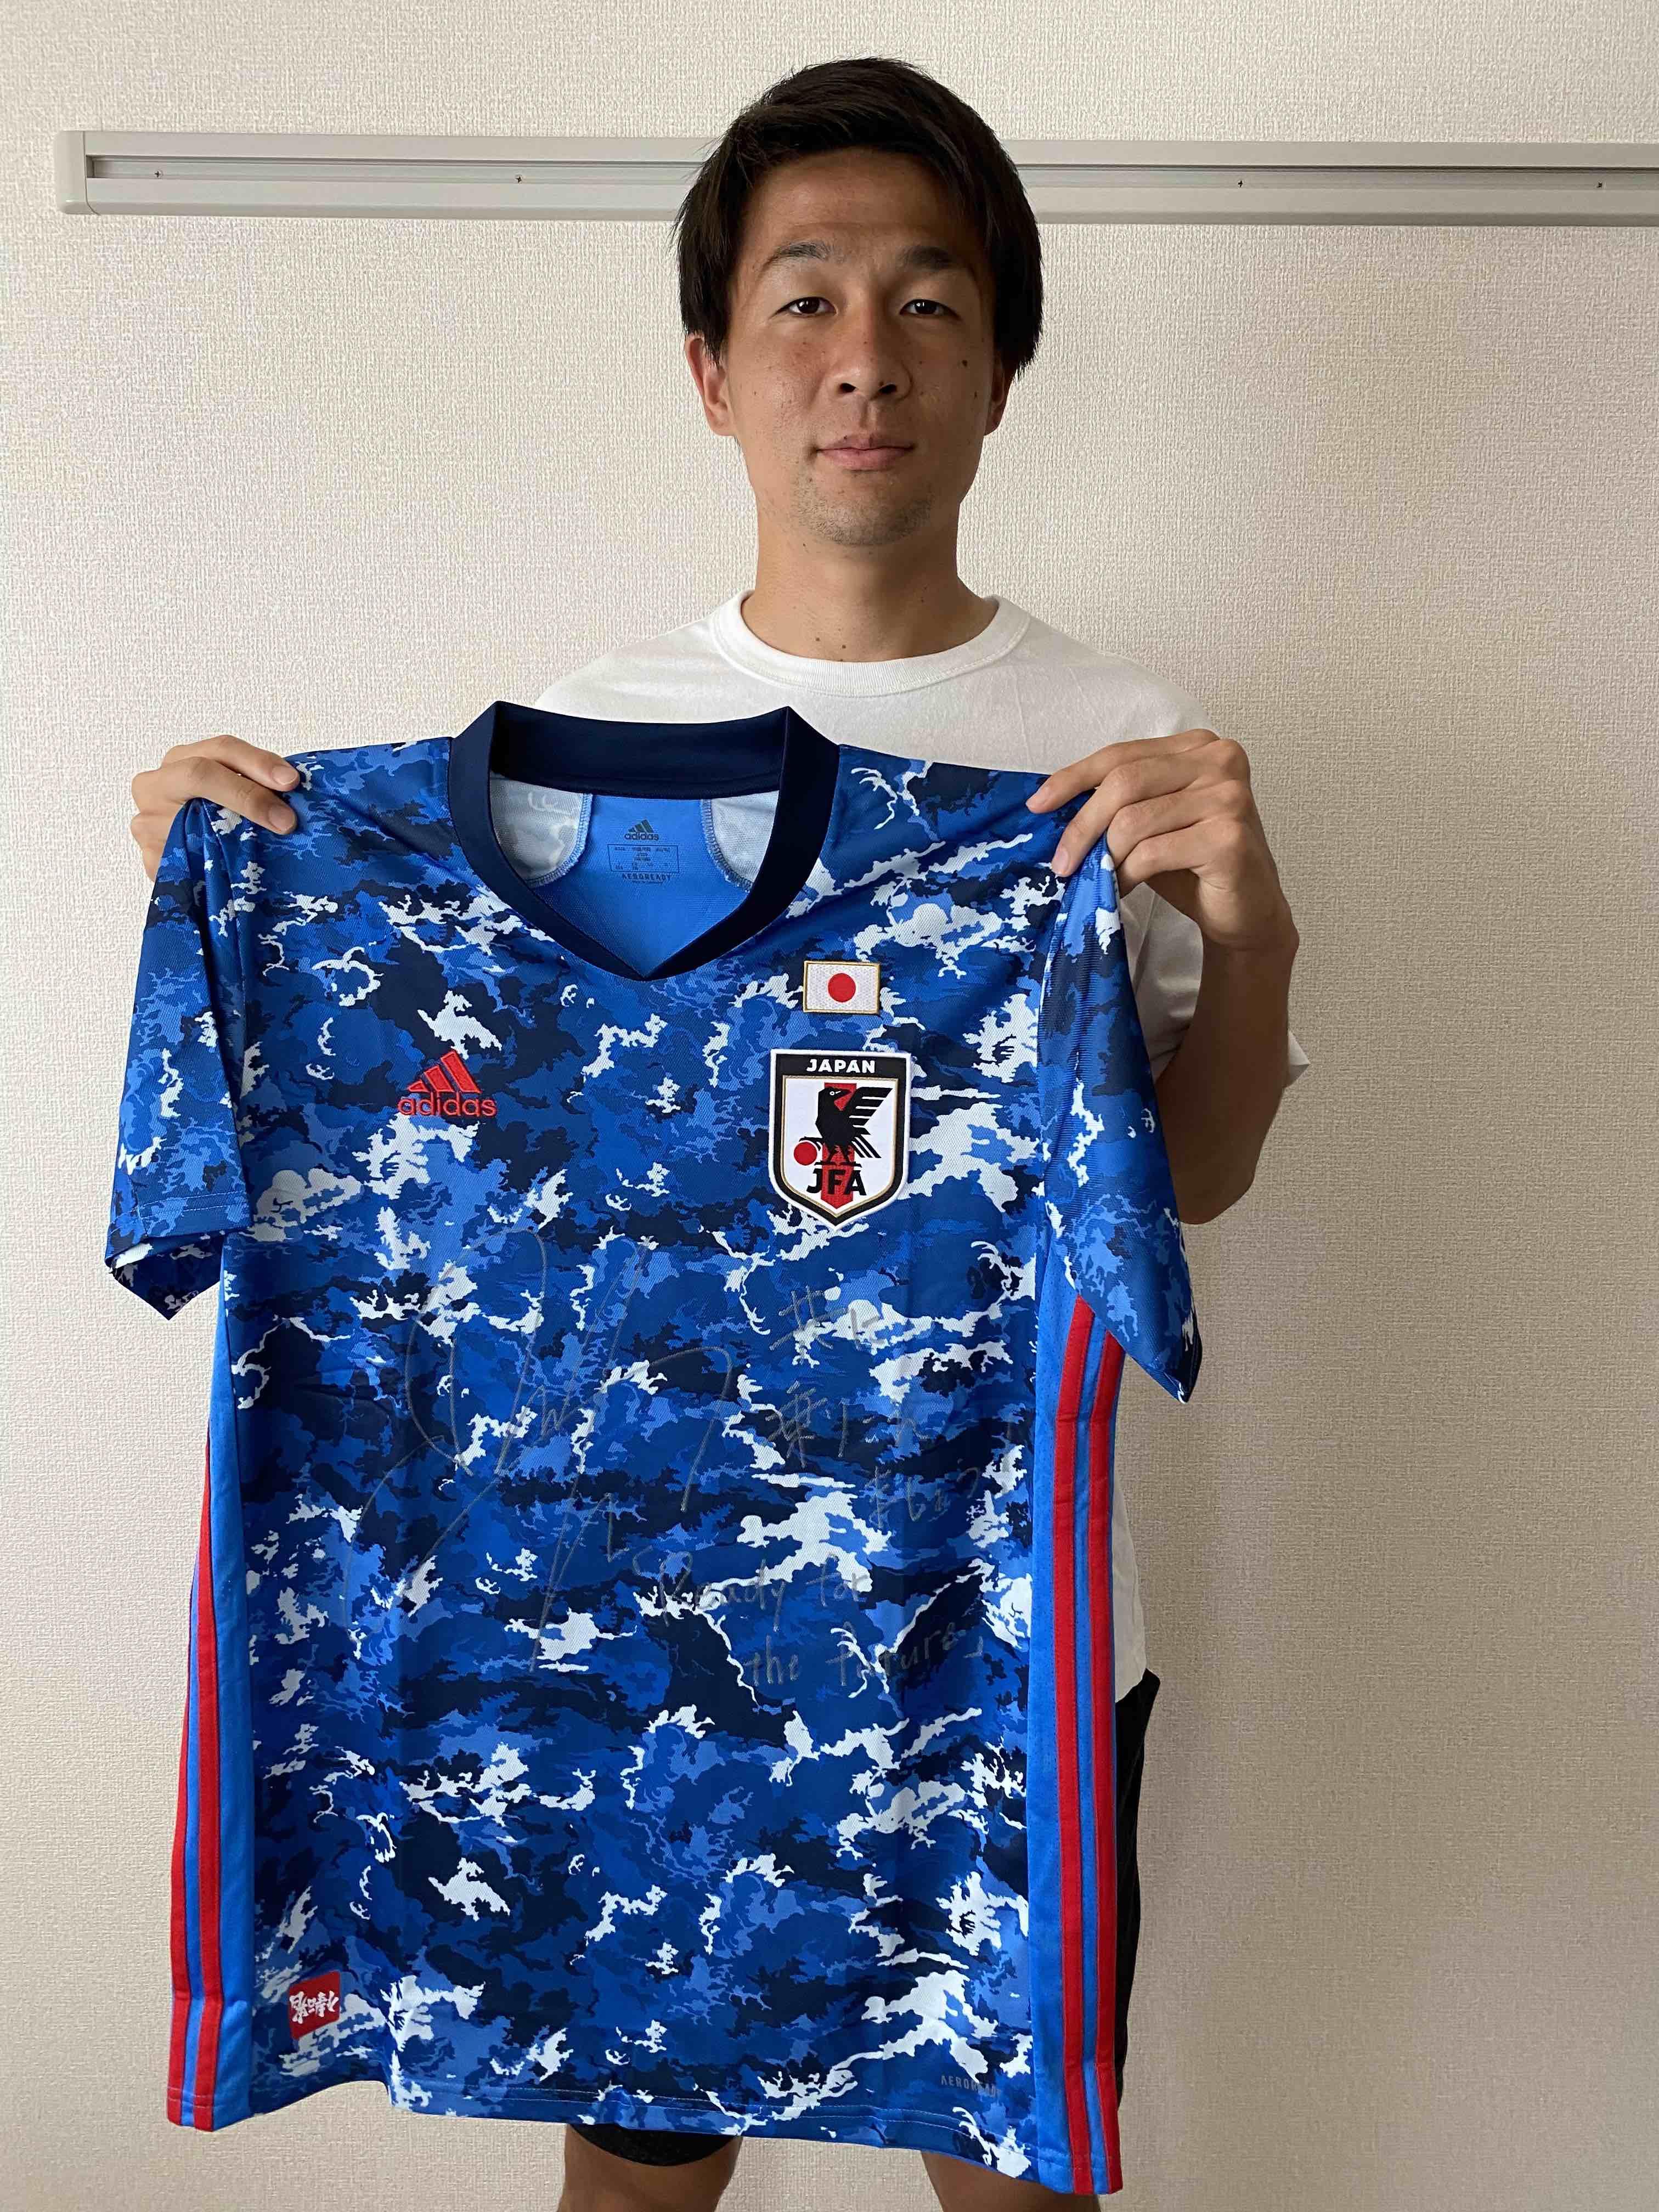 【直筆サイン入り公式】U-23日本代表 杉岡 大暉 選手(鹿島アントラーズ)